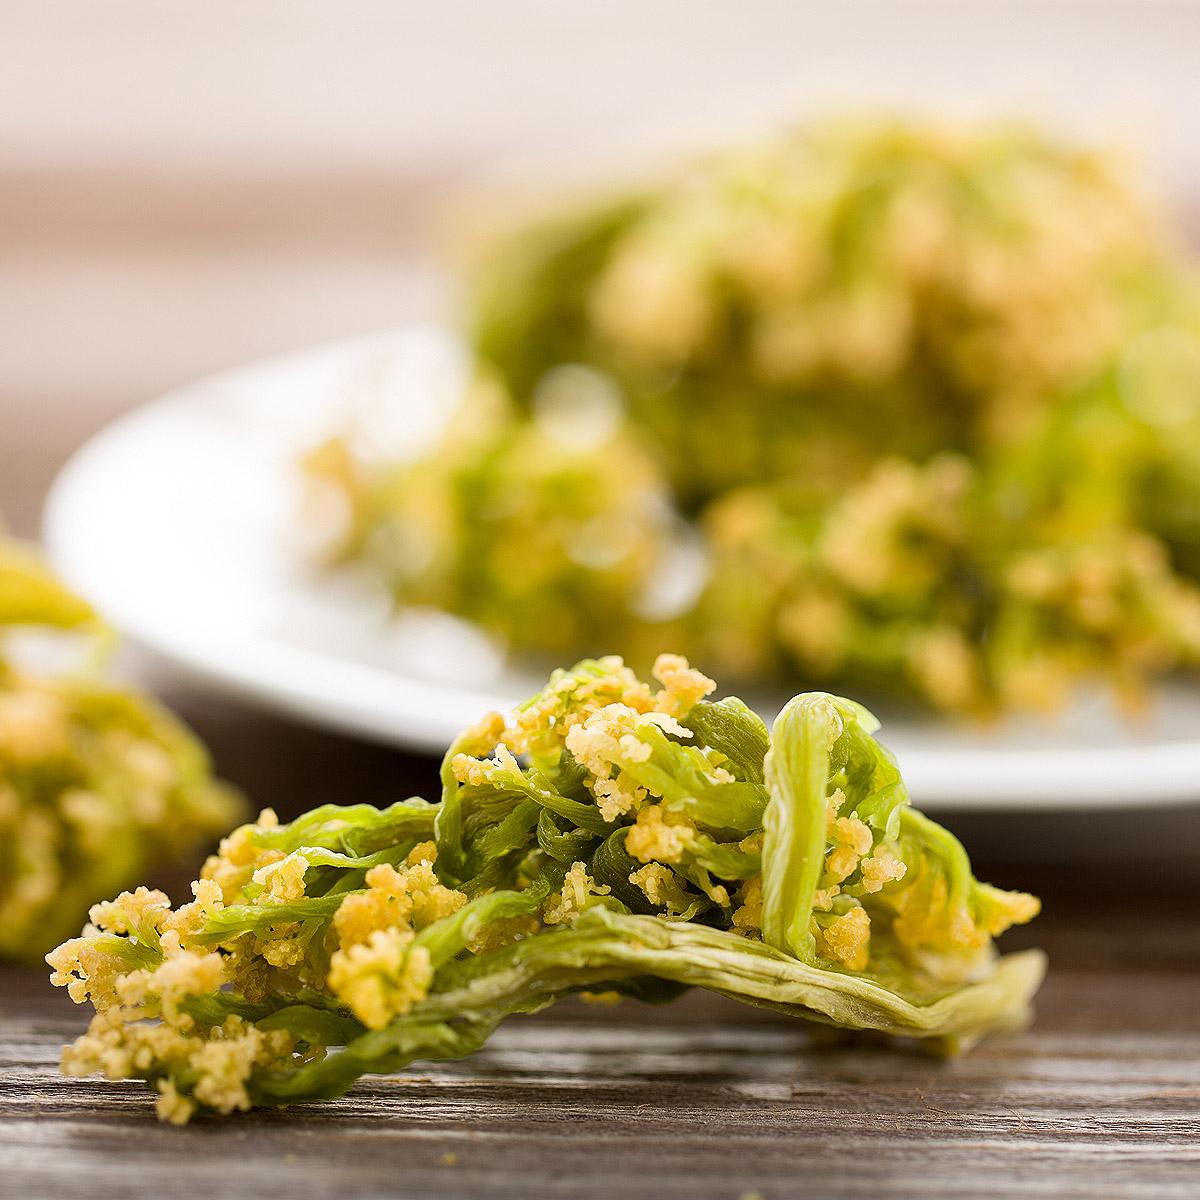 温州特产农家花菜干 花椰菜干 干花菜特产干货 无农药添加剂200g